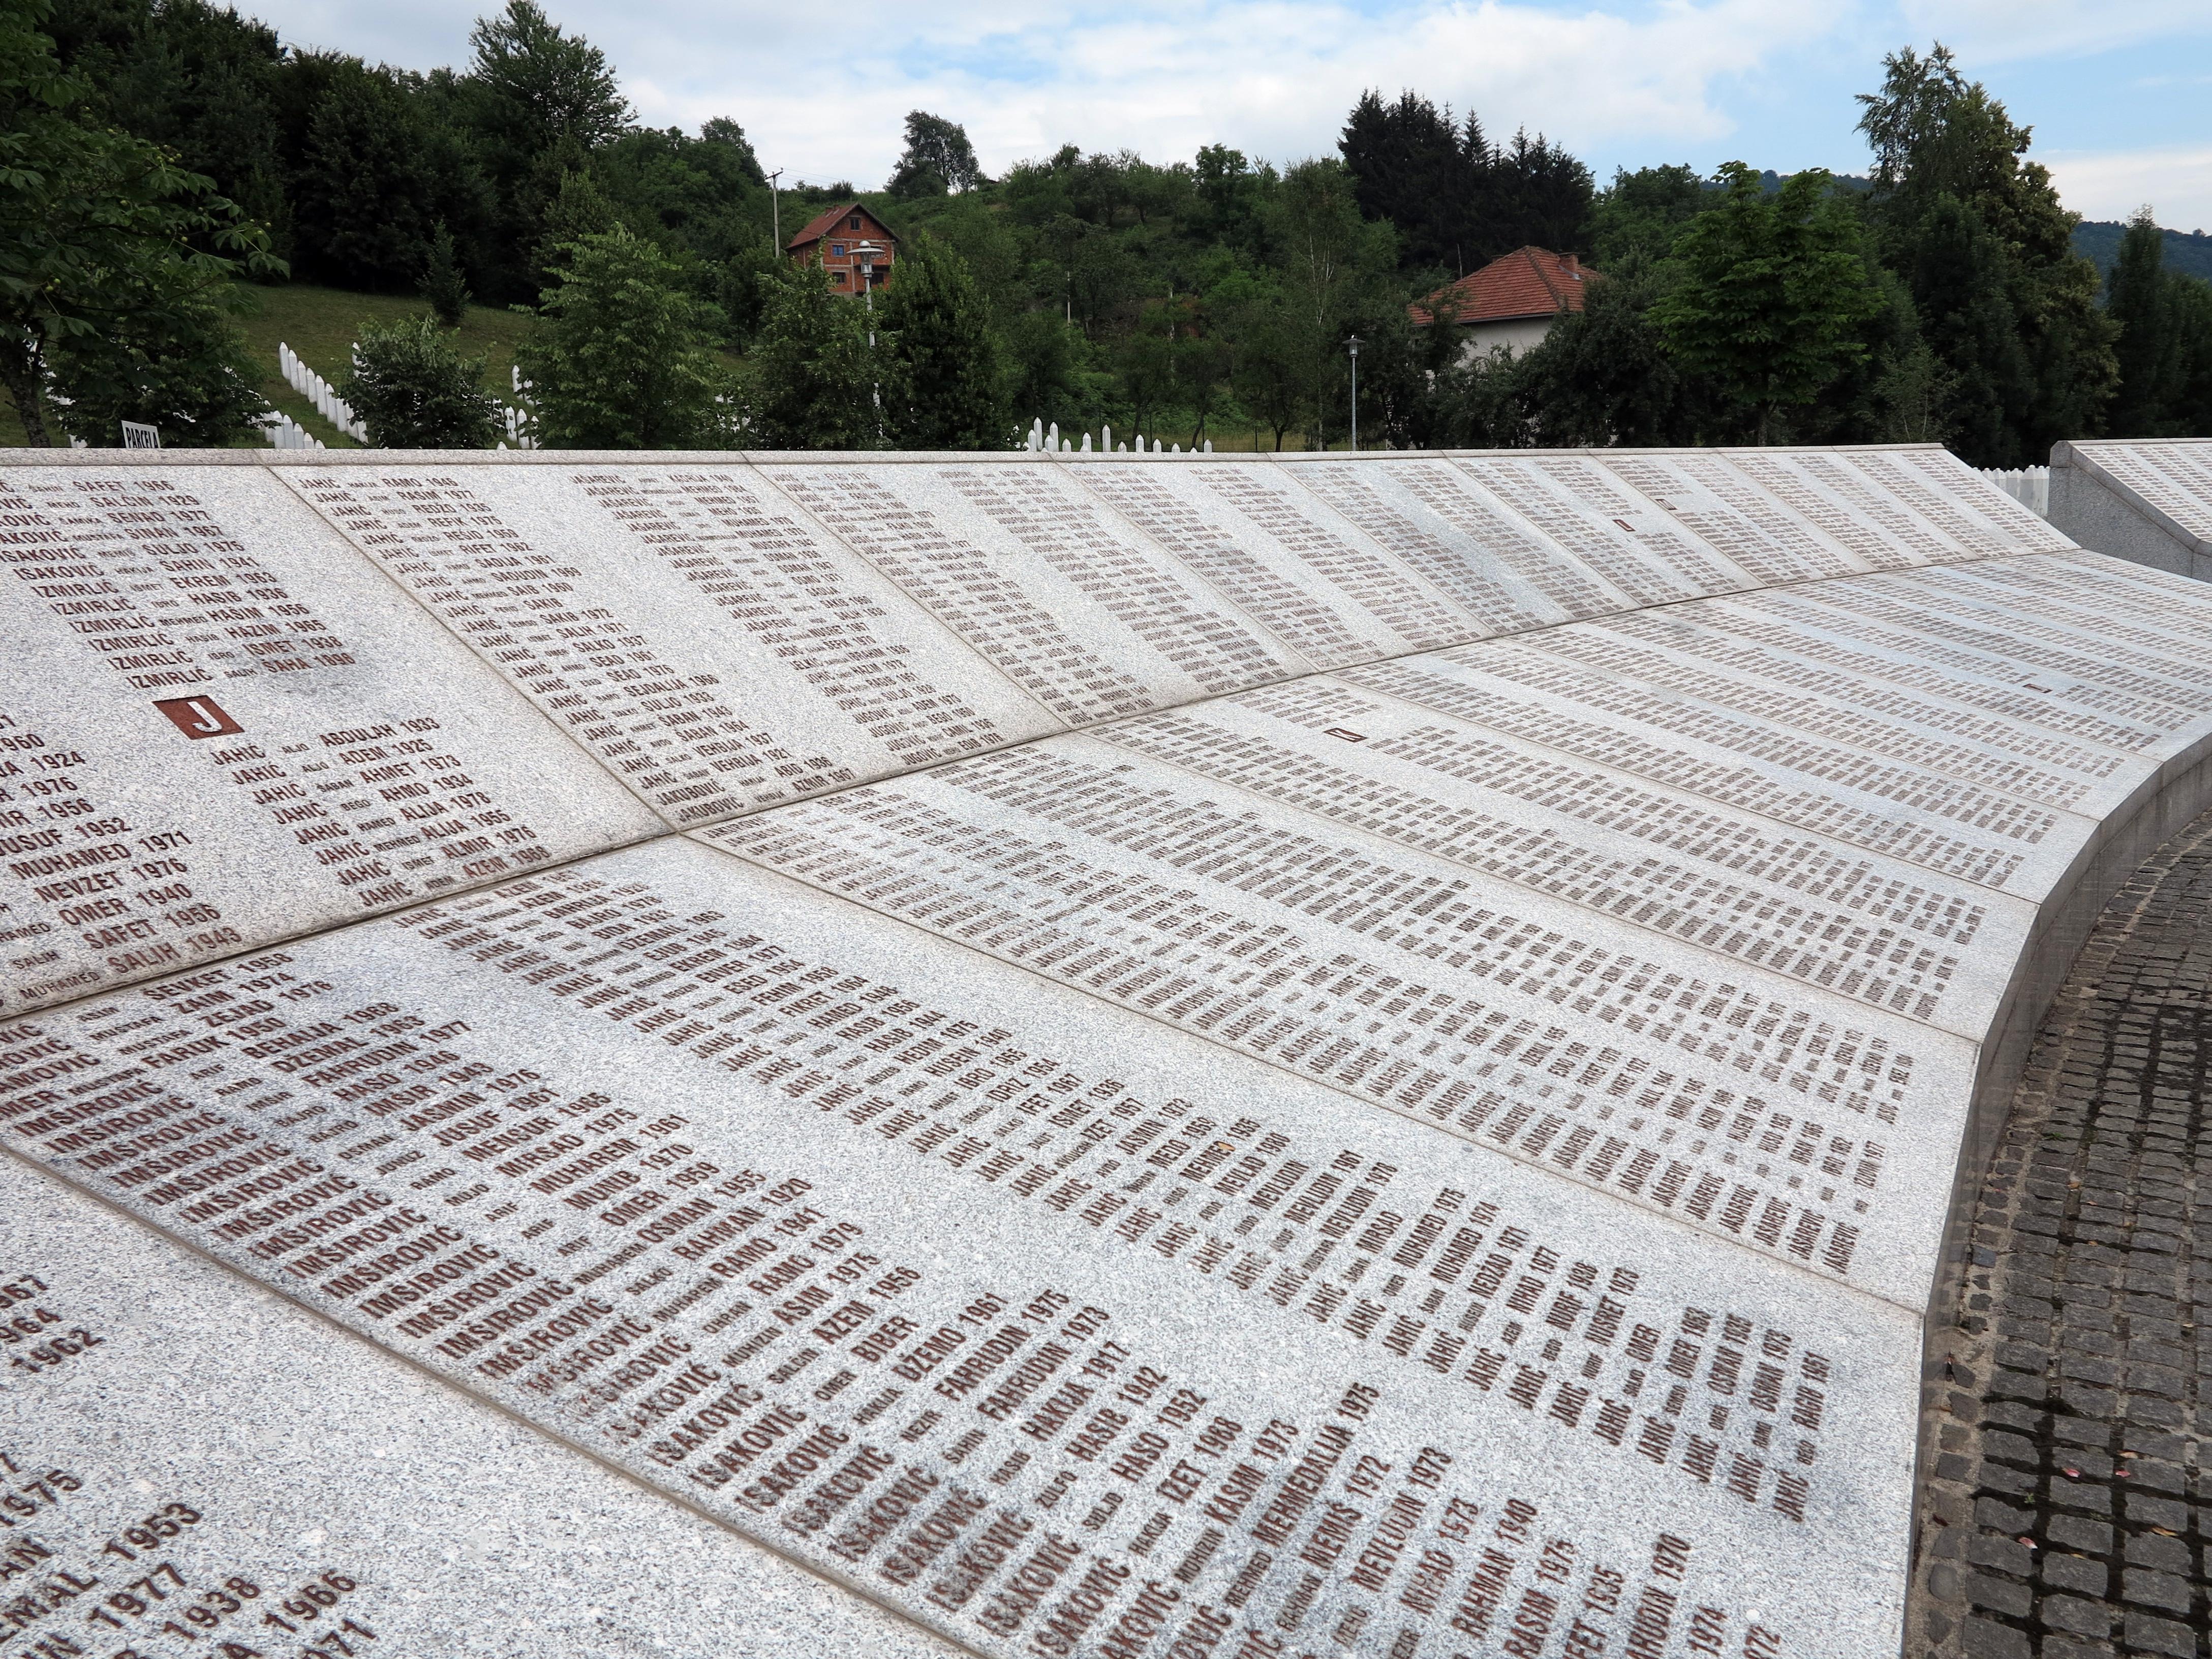 Srebrenica: Im Marmor gemeißelte Namen der Opfer in der Gedenkstätte Potocari.